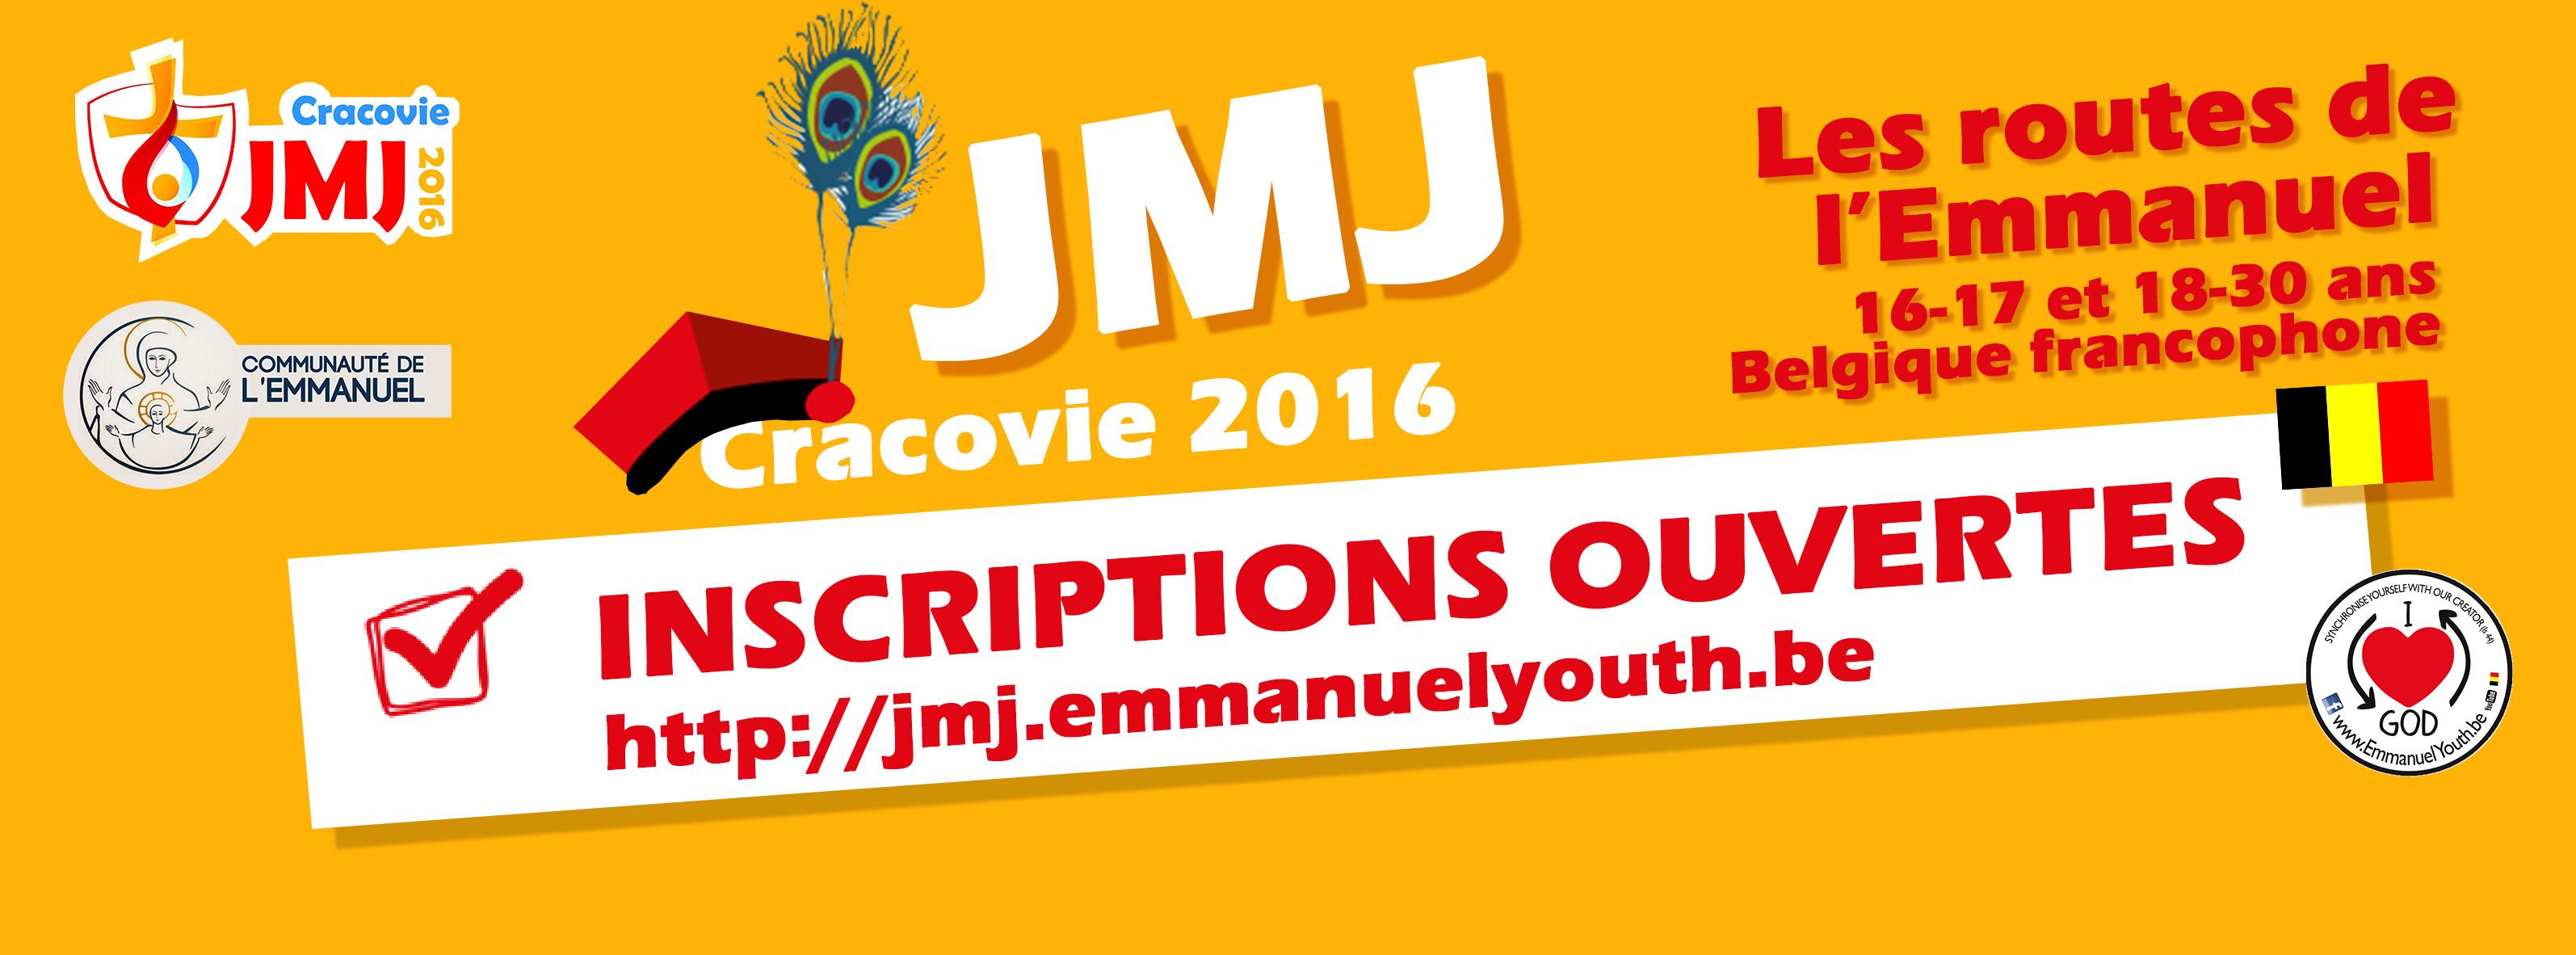 Banner-JMJ2016-inscriptions-ouvertes-1617-1830